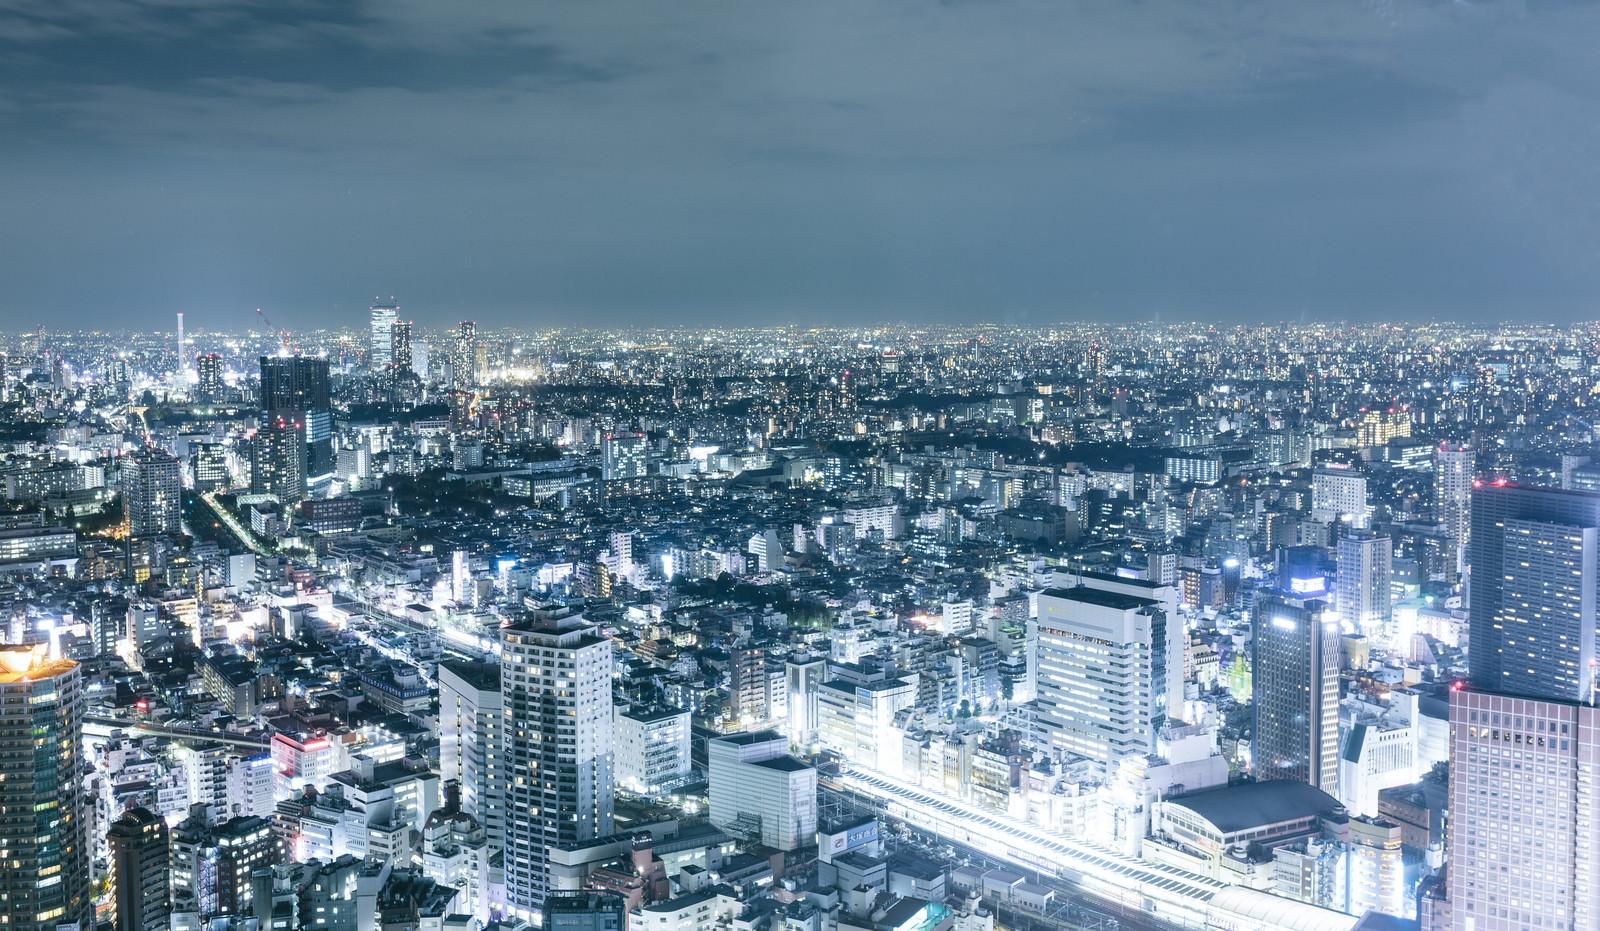 「東京の夜景東京の夜景」のフリー写真素材を拡大